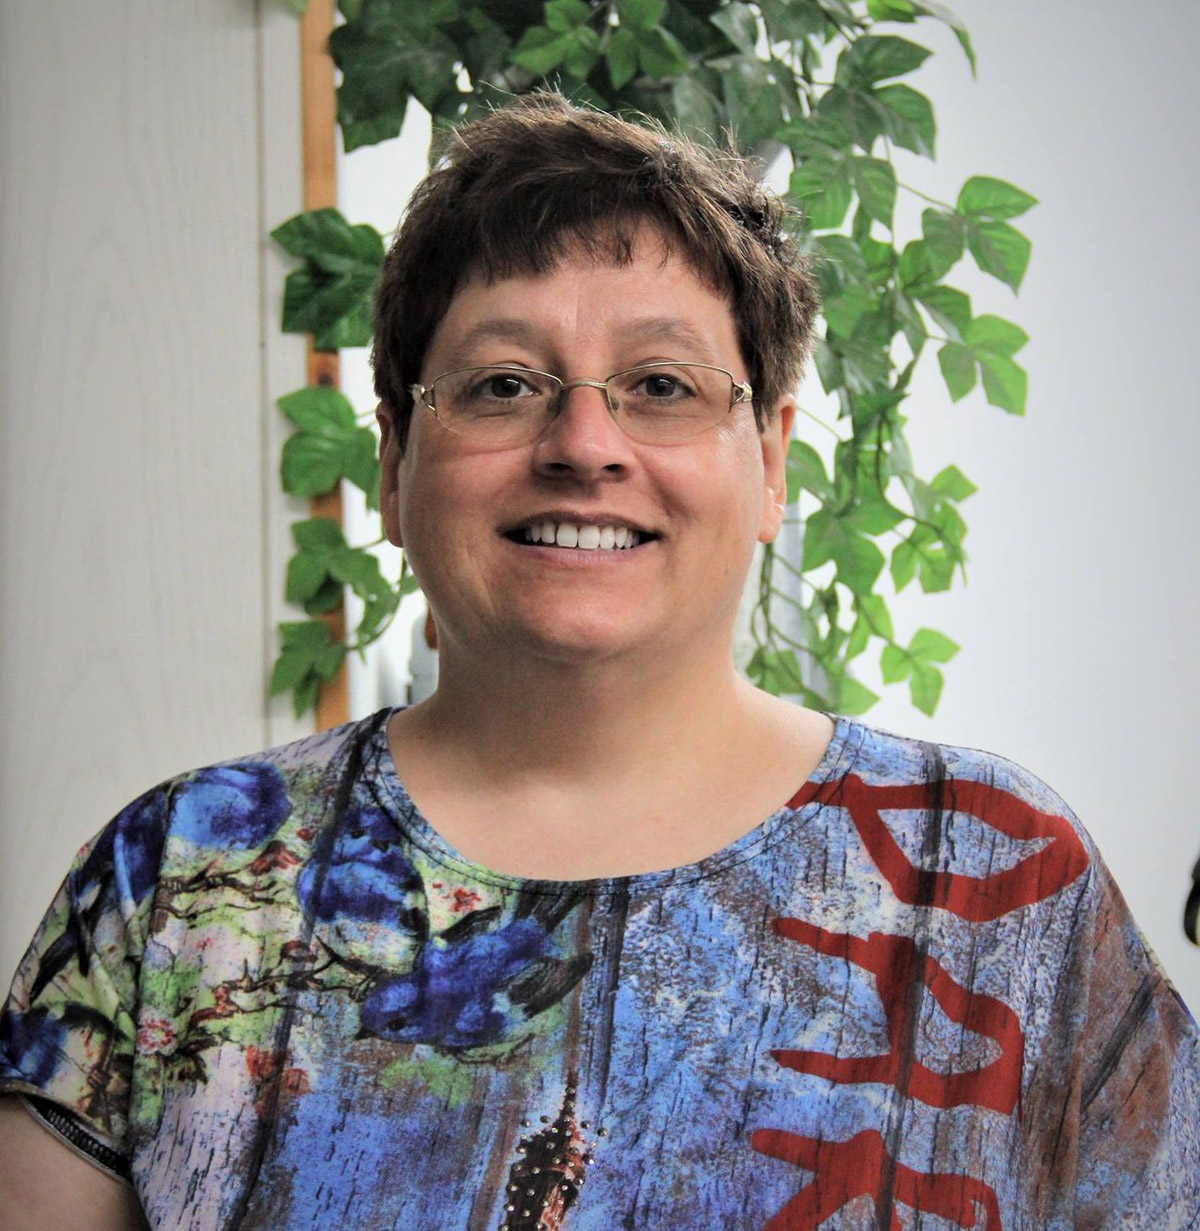 Nicole Ducas